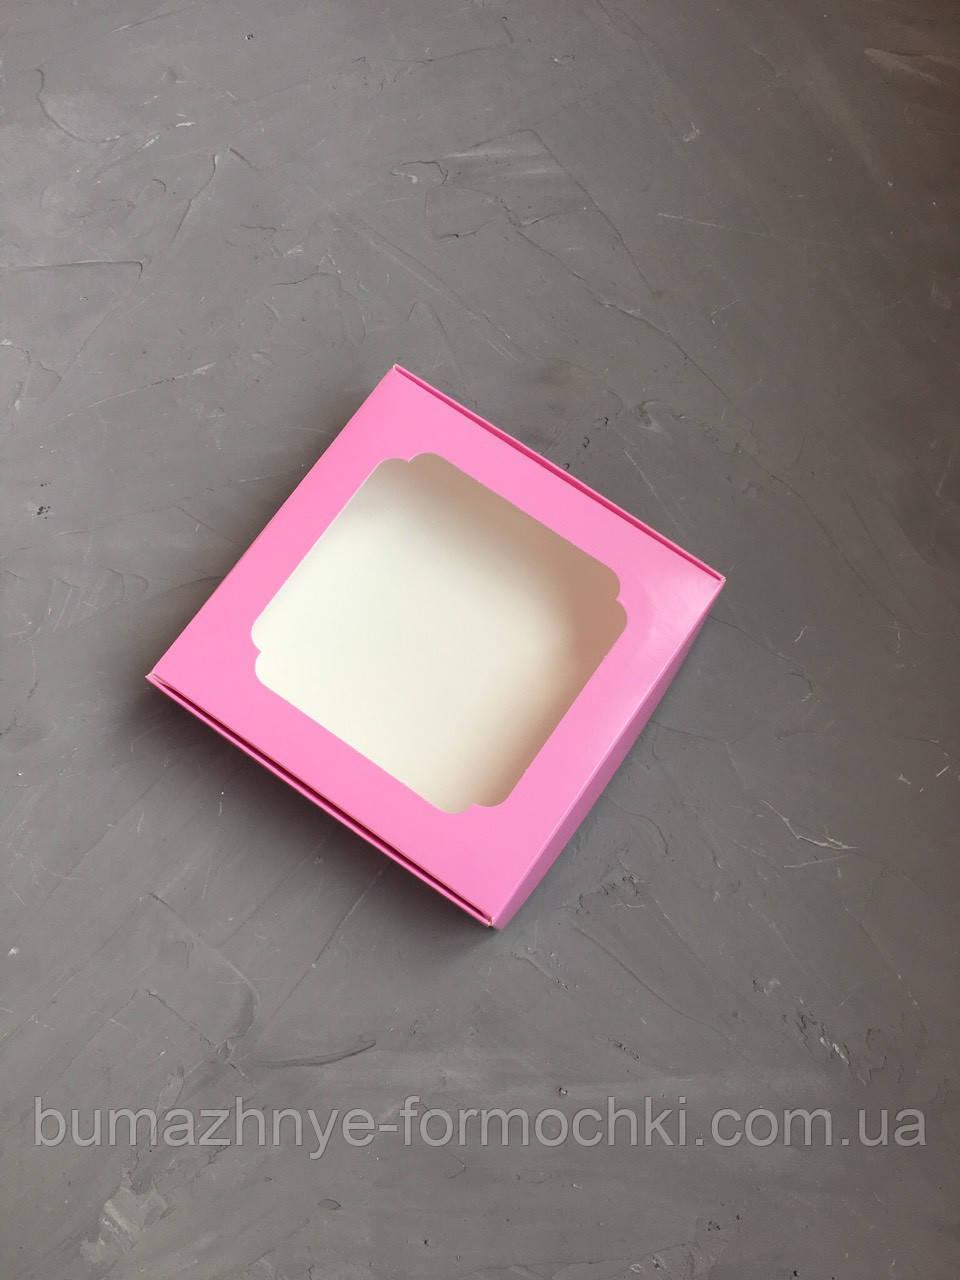 Коробка для кондитерских изделий, 150*150*30, розовая